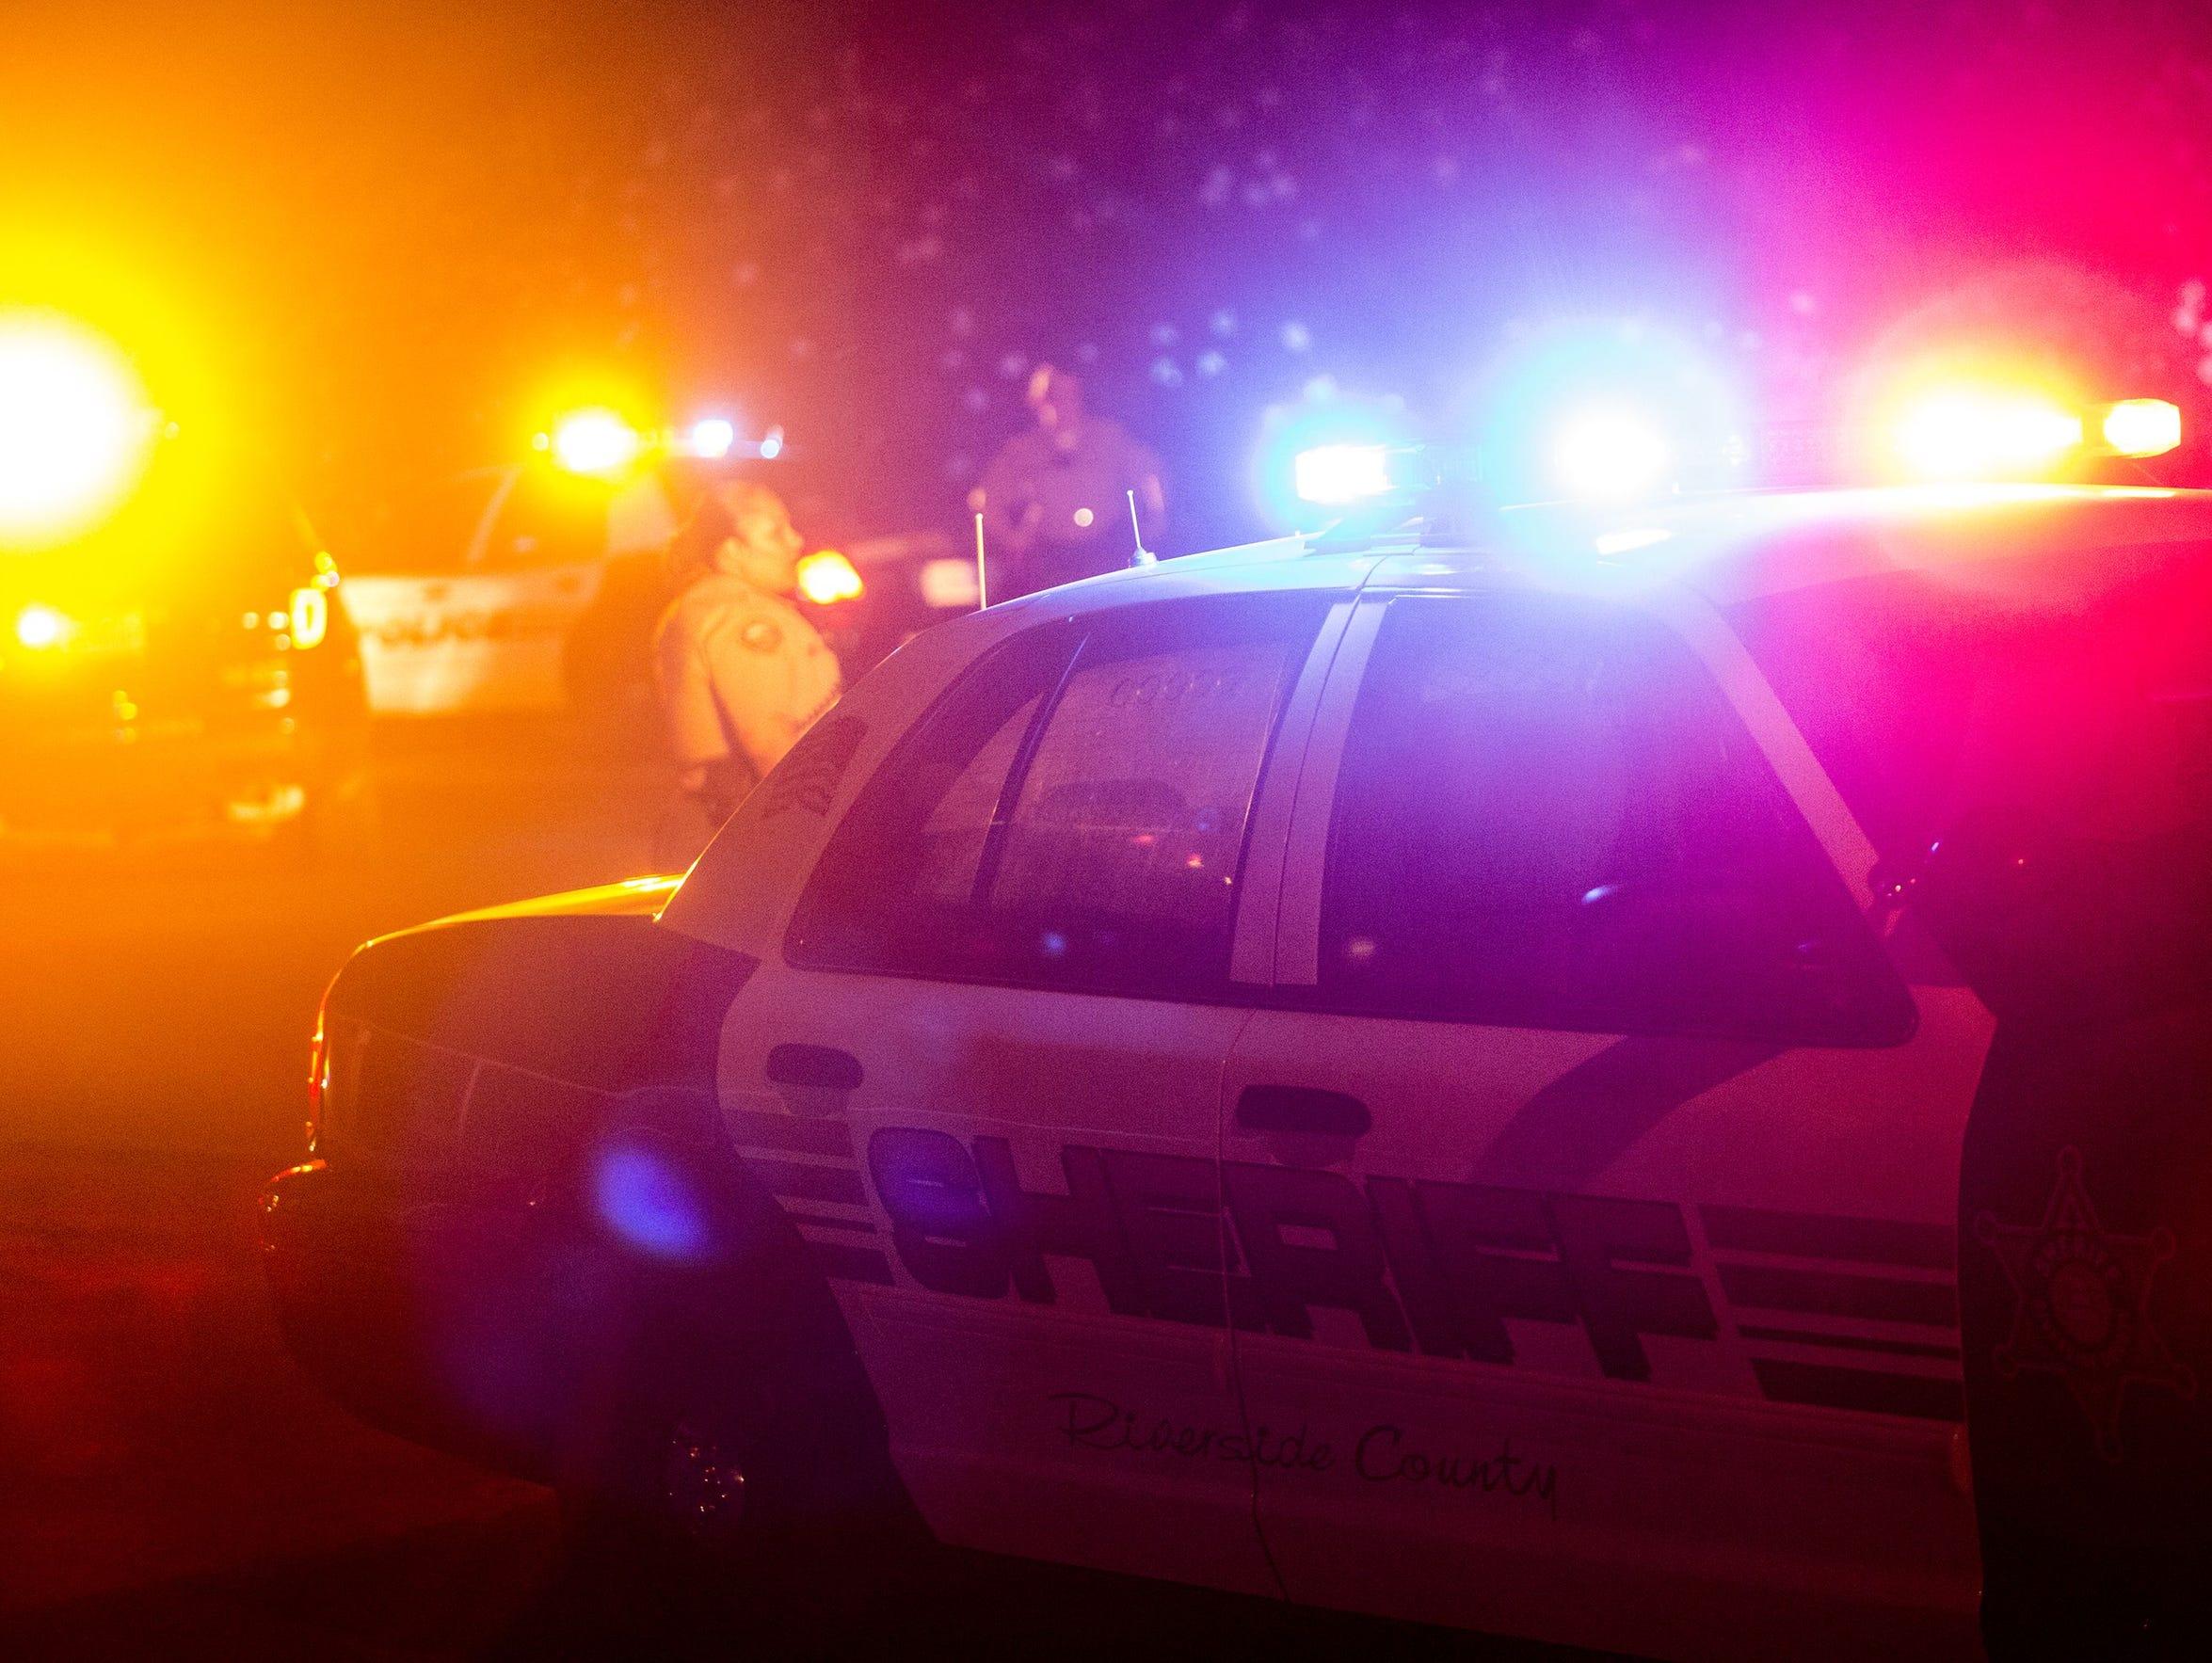 A Riverside County sheriff's deputy who was shot in